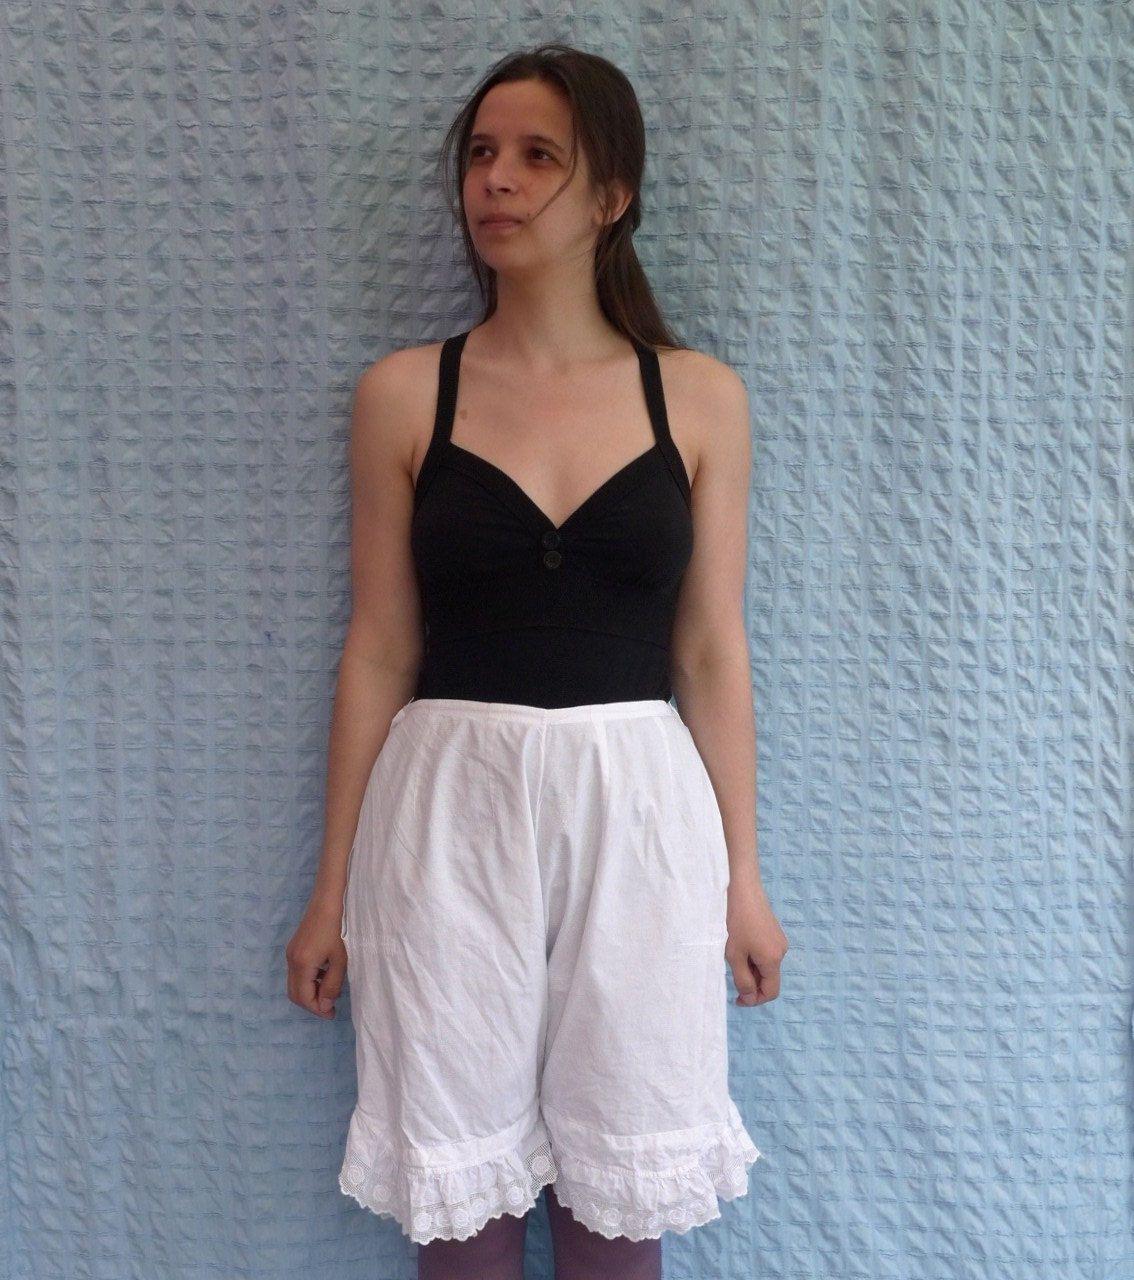 9eac25e2d45d vintage pantaloons • lingerie • underwear • pantaloons • Edwardian •  antique pantaloons • Victorian bloomers